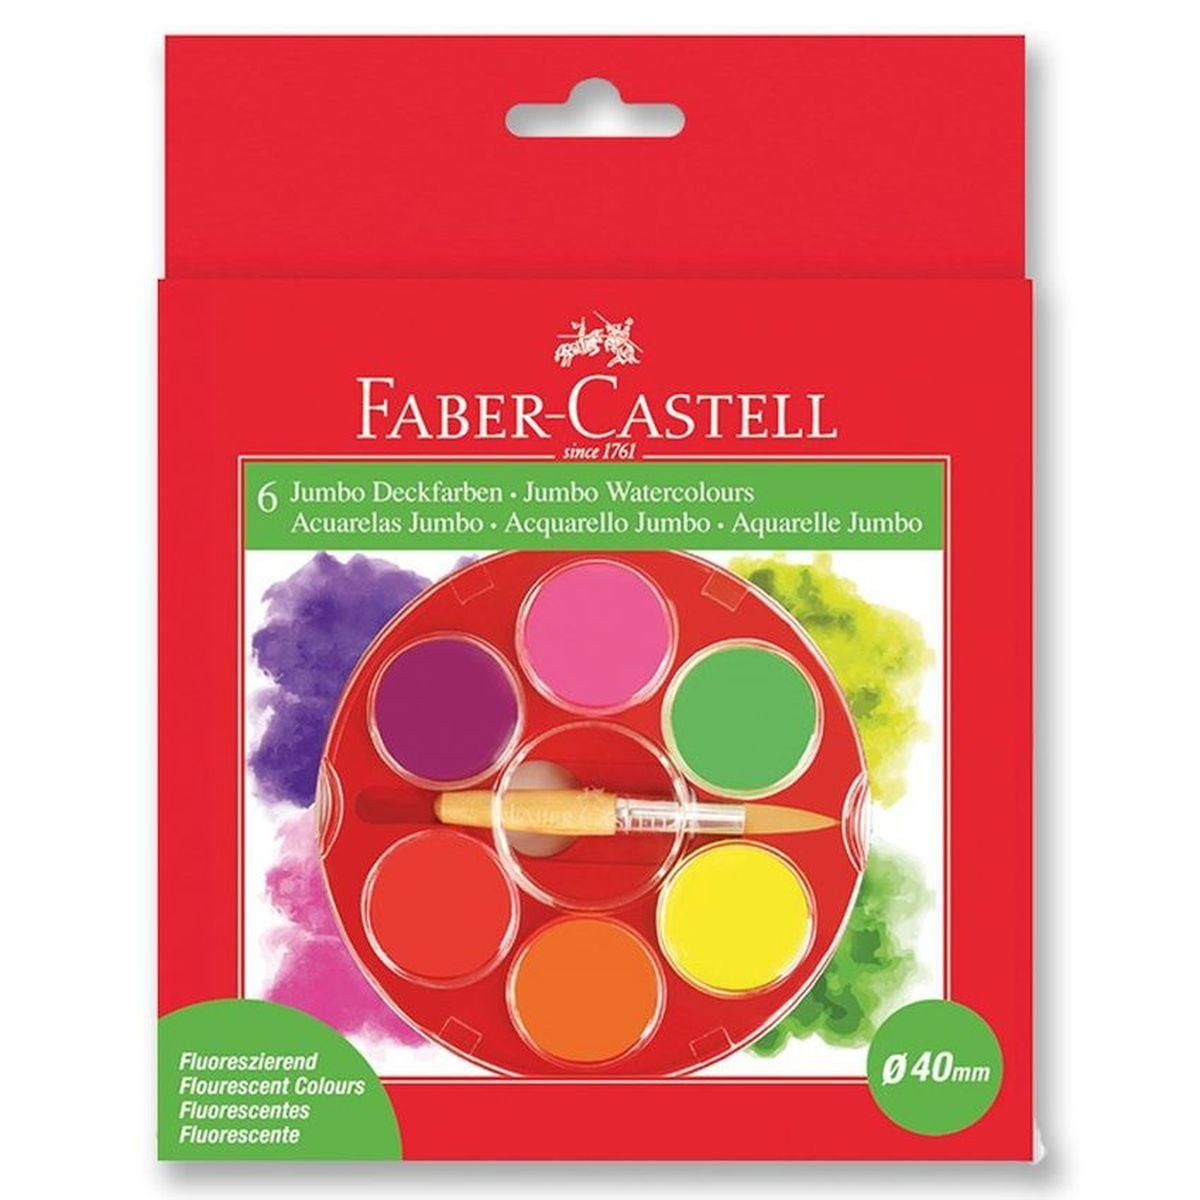 Faber-Castell Акварельные краски Jumbo неоновые 6 шт faber castell акварельные карандаши рыбки с кисточкой 36 шт